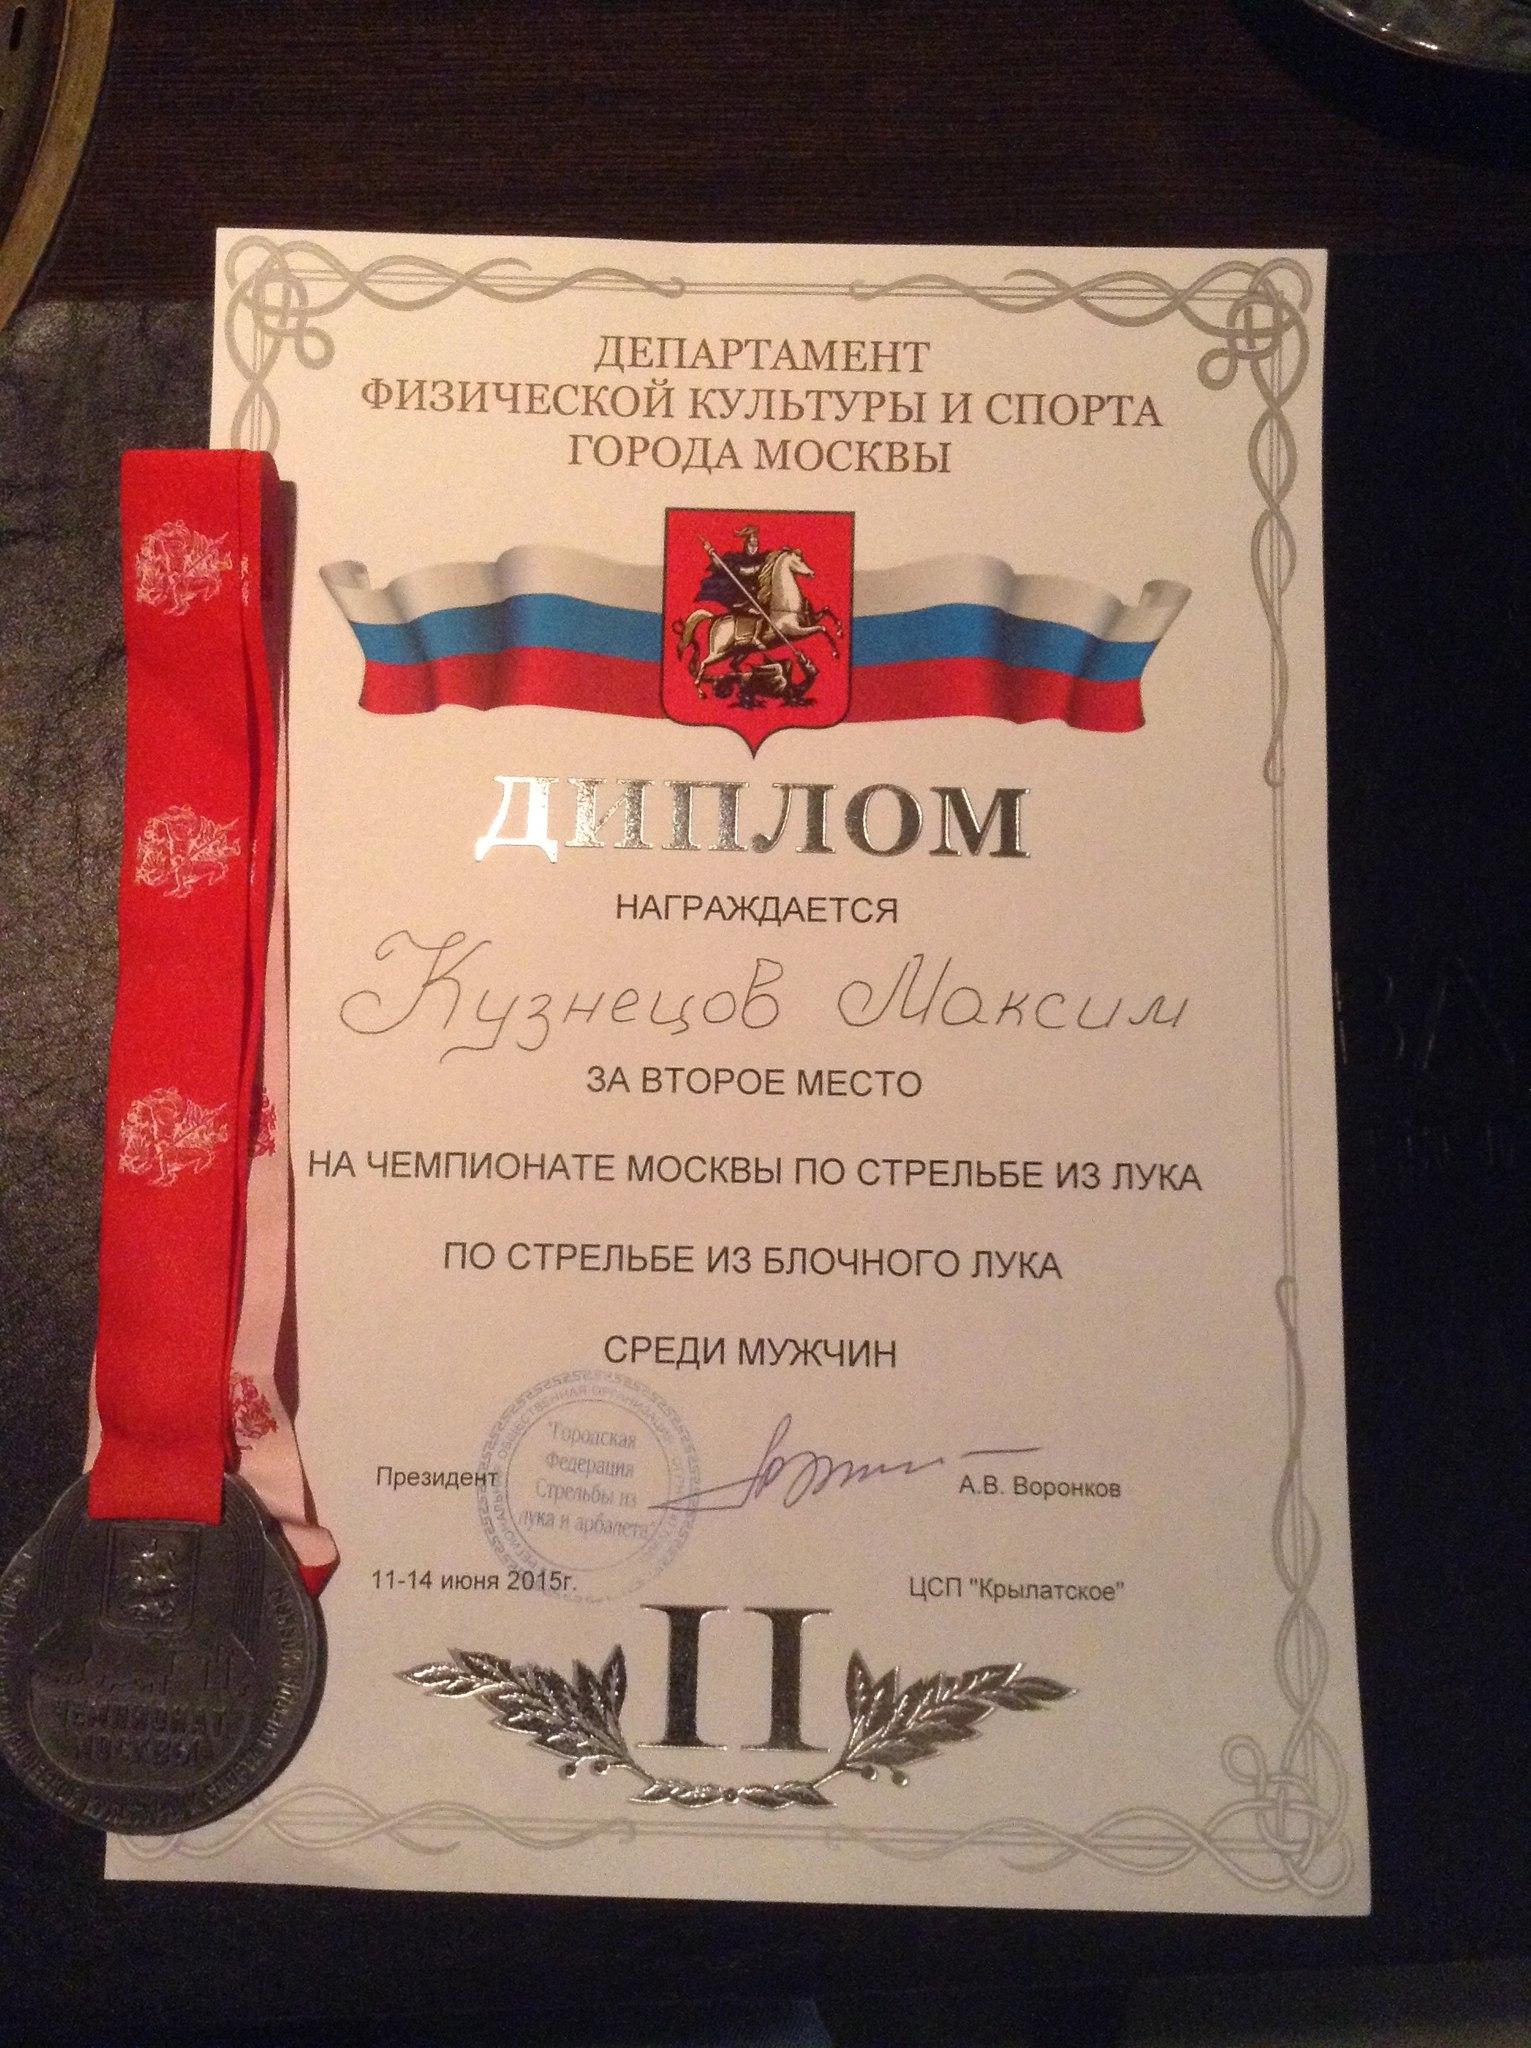 Заполнение грамот и дипломов Правила и организация соревнований  Ну или чемпионат города федералого значения Москвы